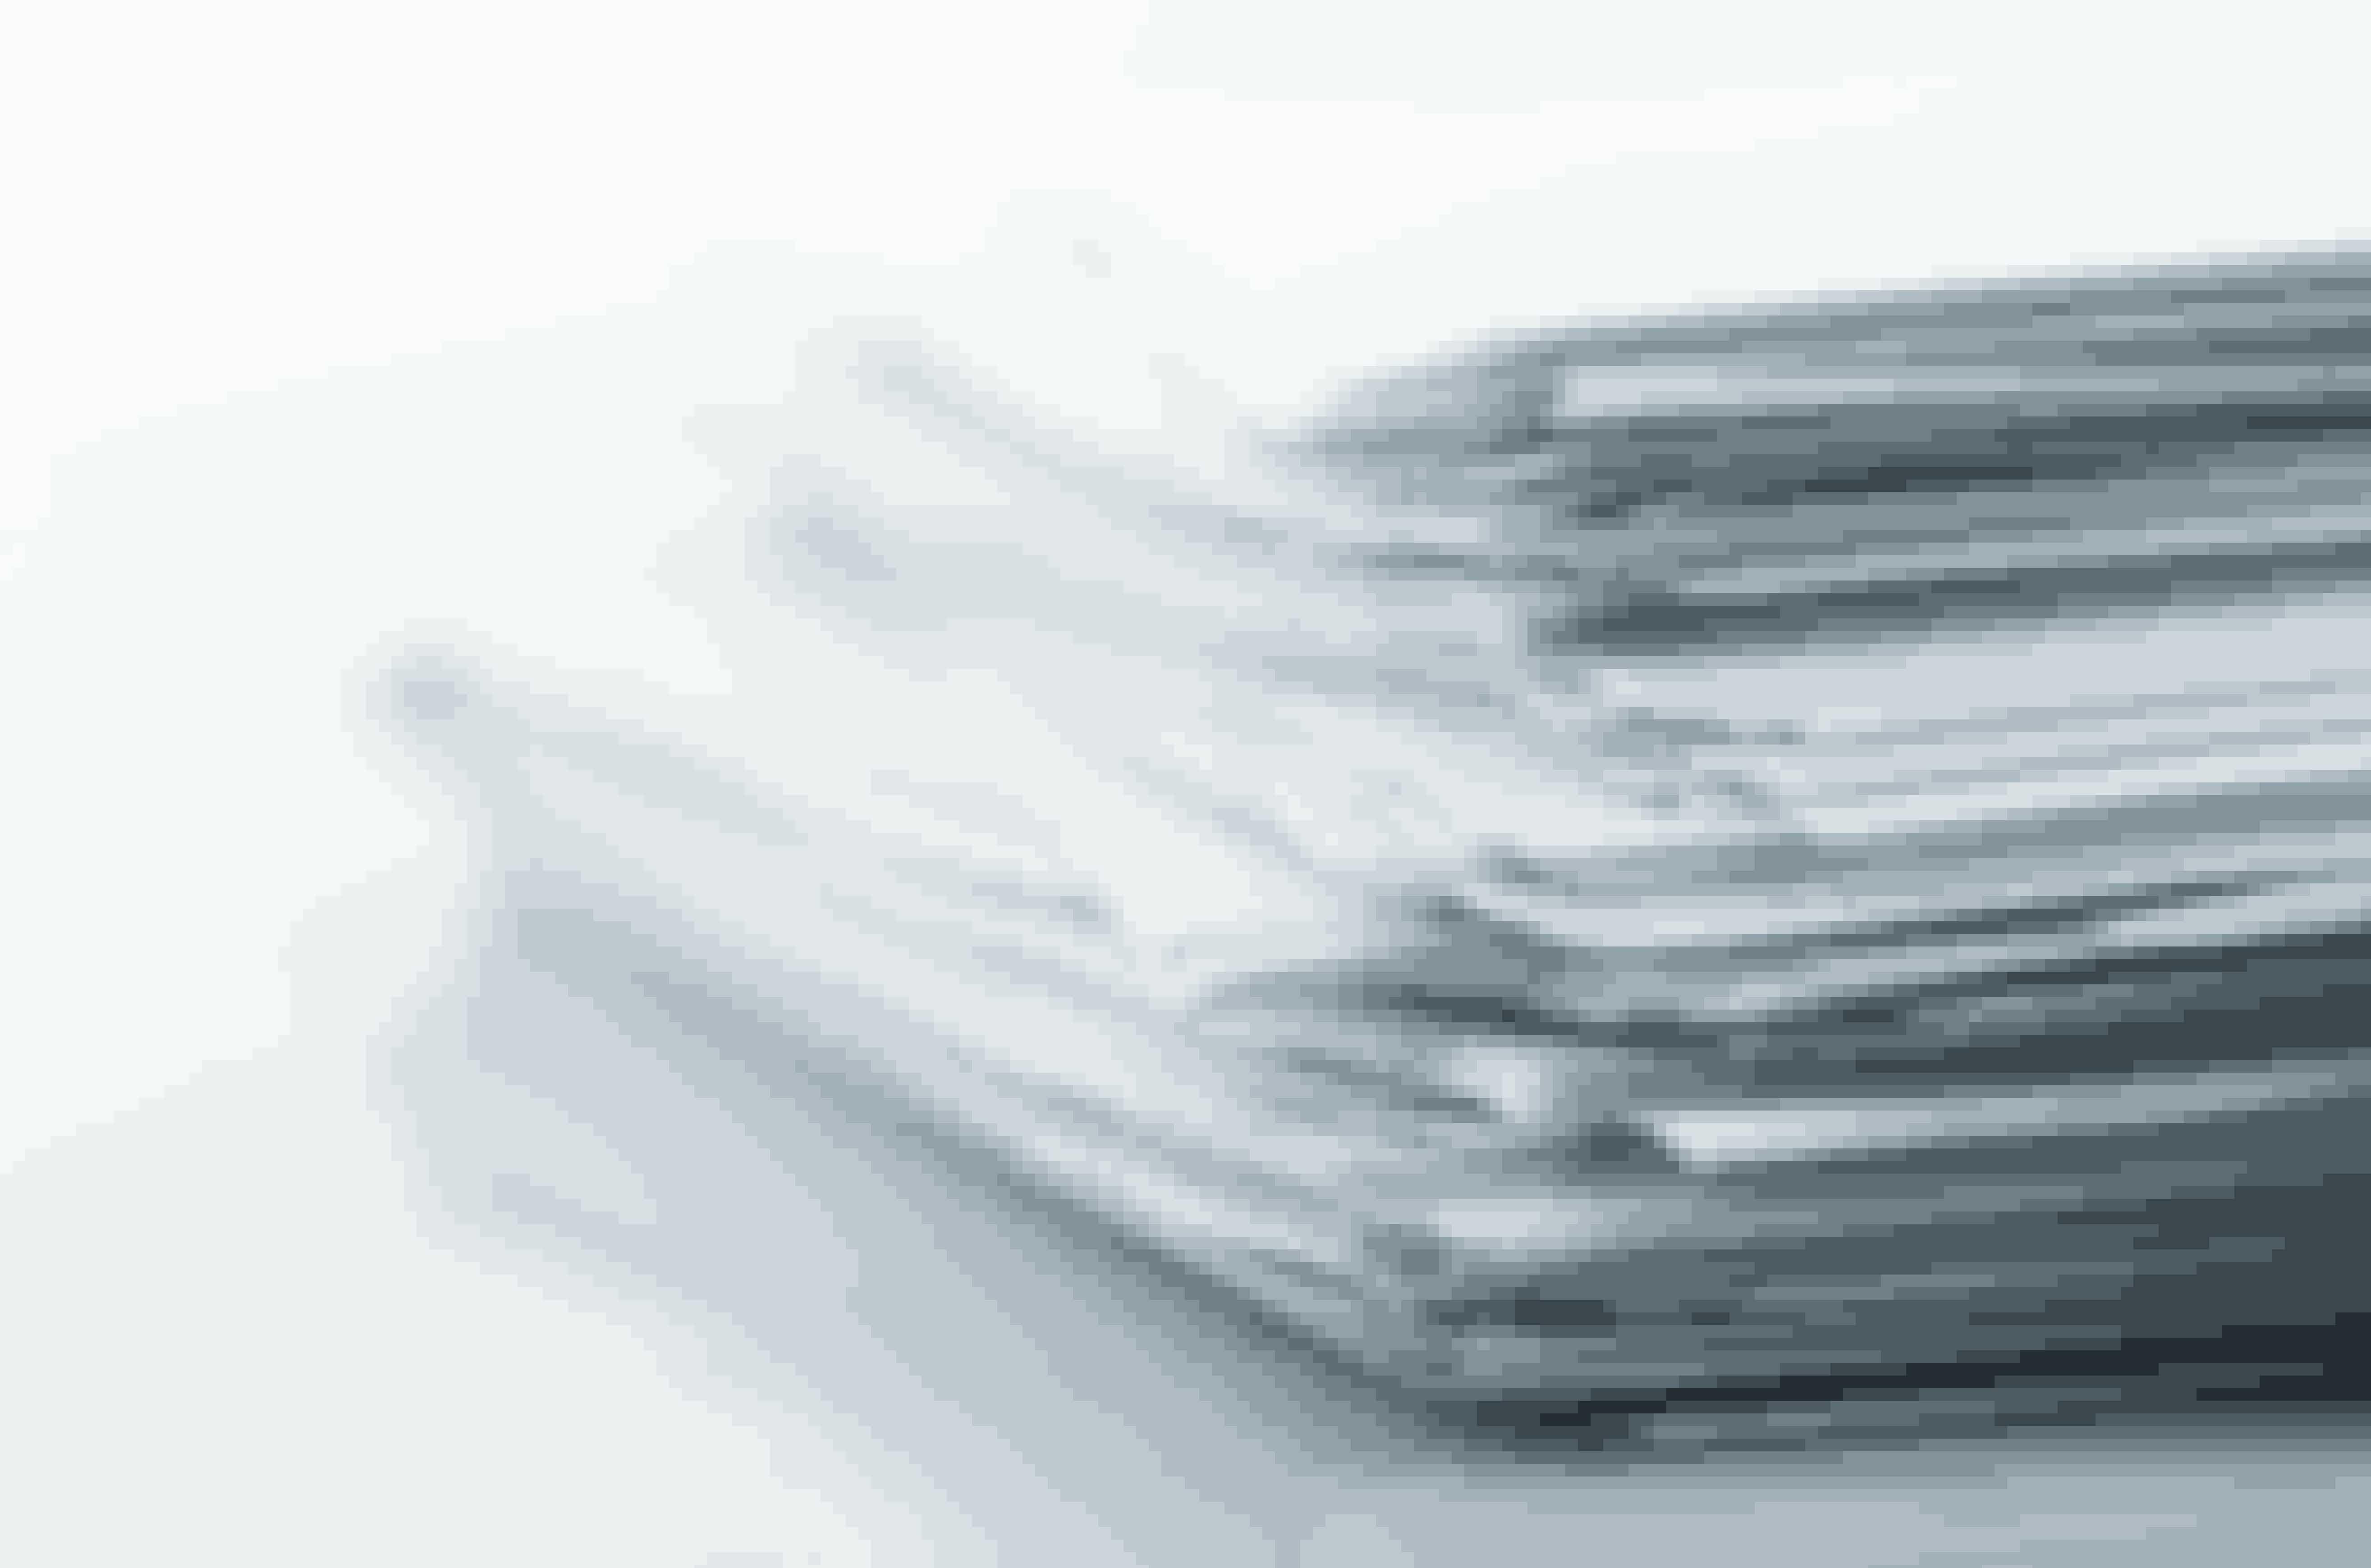 Der bliver nemt papir til overs, når man printer. Det klipper vi til små sedler, som vi bruger i stedet for memo-lapper til f.eks. indkøbslister.C.N.